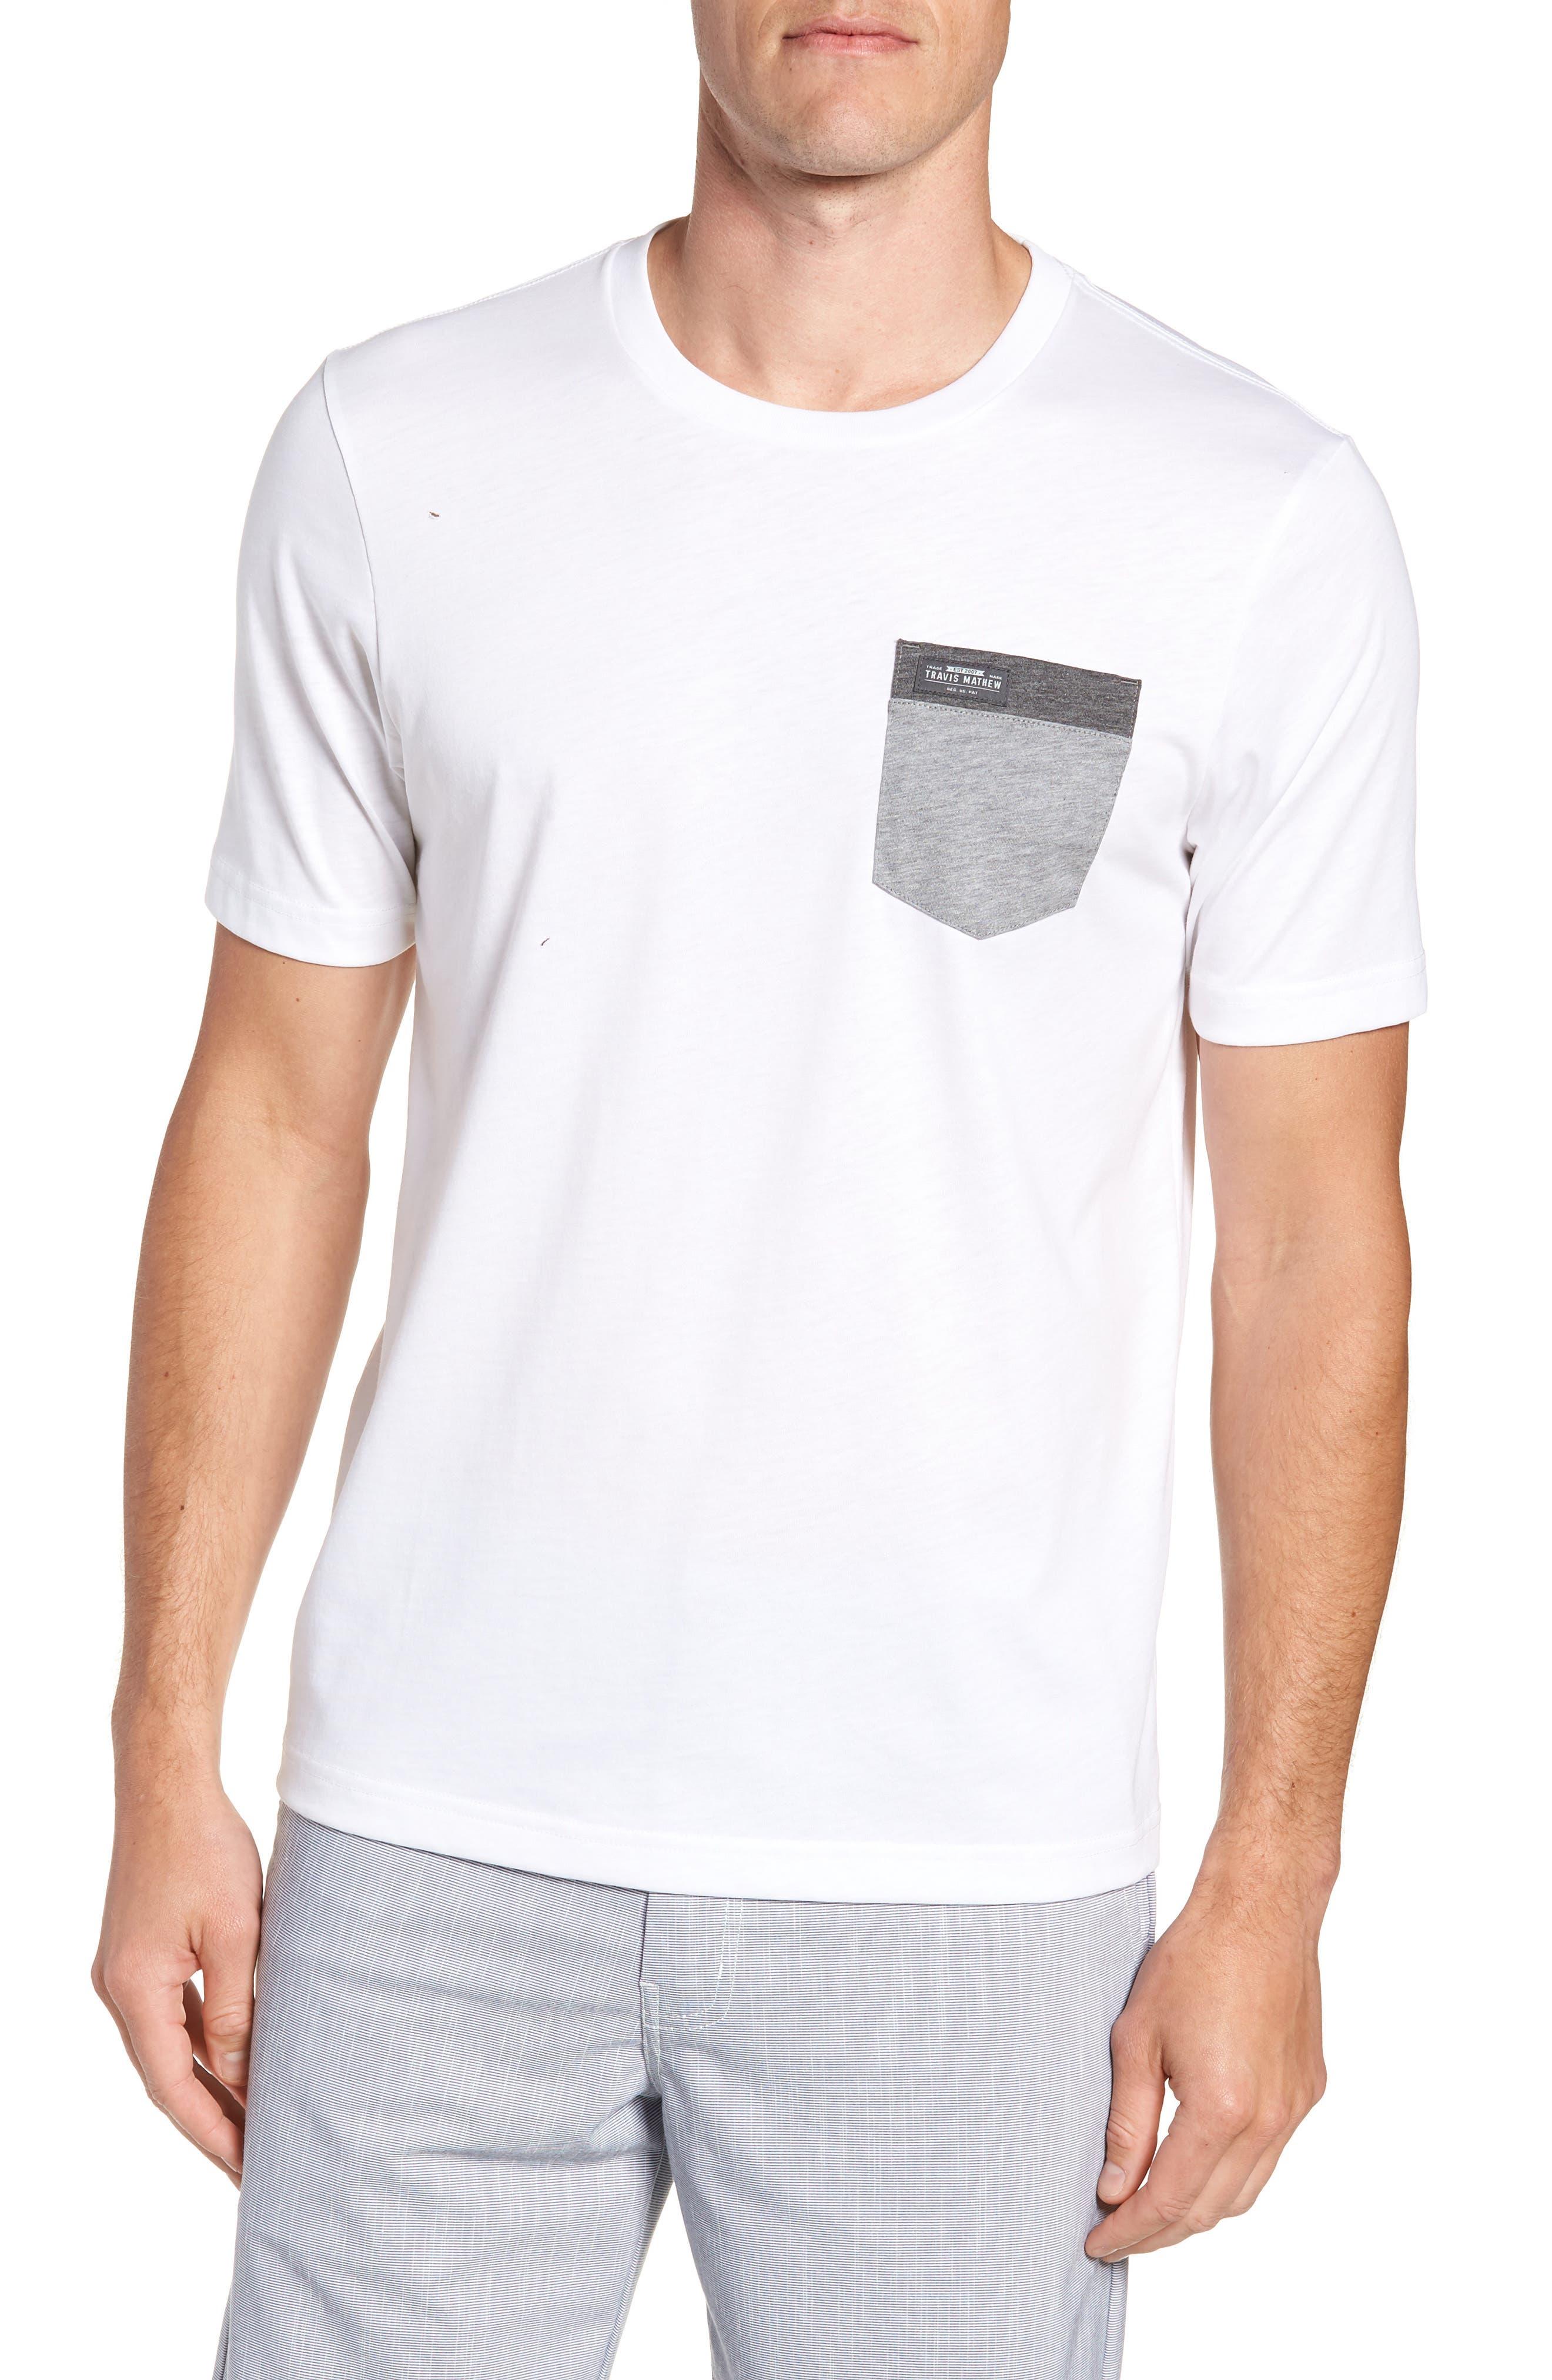 Muska Pocket T-Shirt,                         Main,                         color, 100